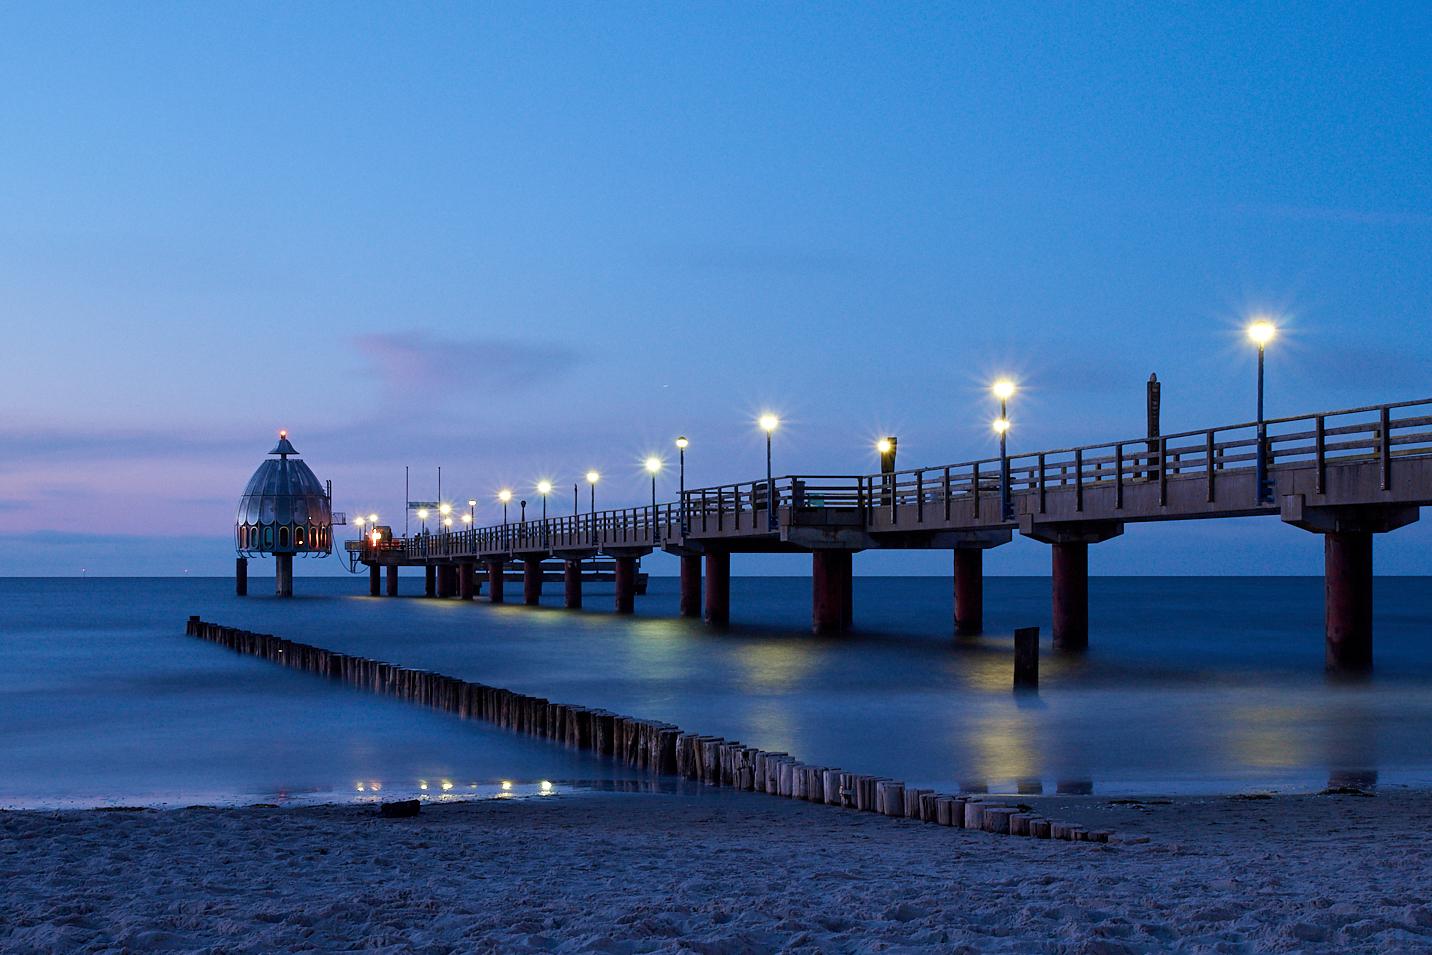 Seebrücke an Abend - Zingst - ankofoto